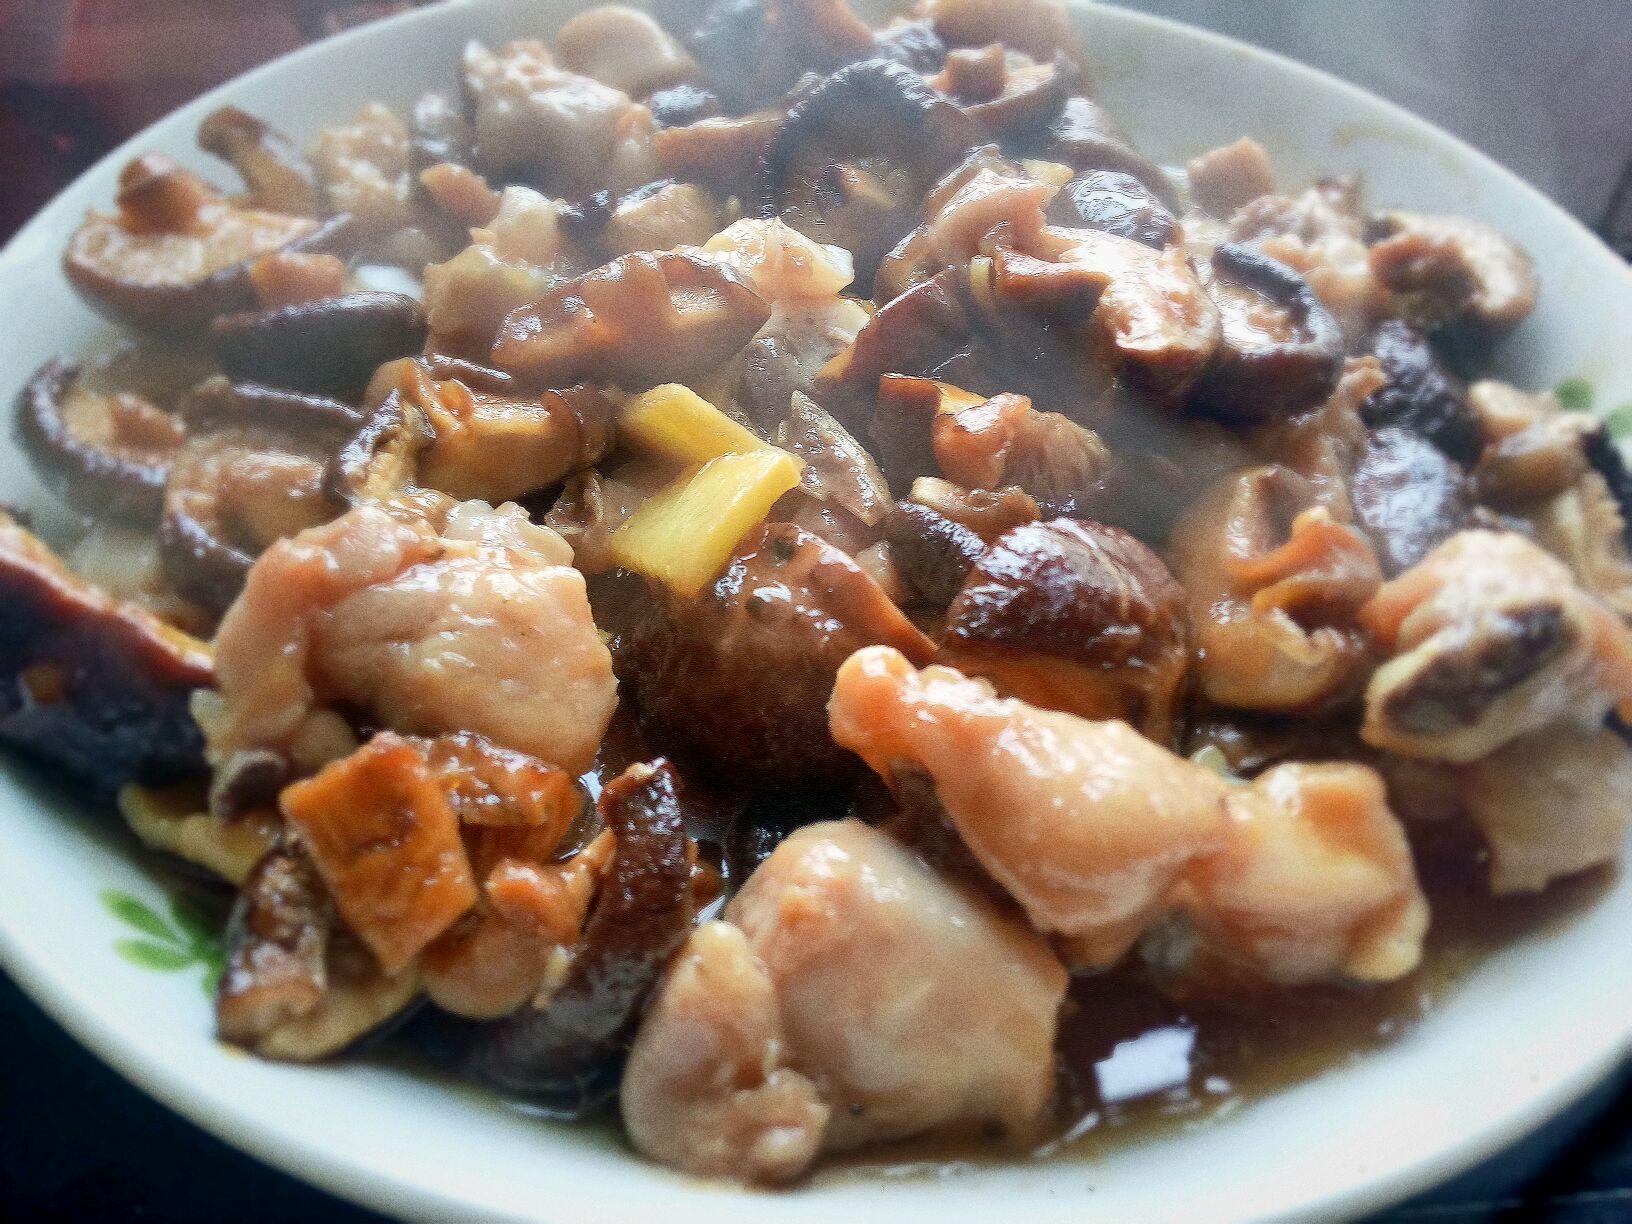 香菇蒸鸡的做法_【图解】香菇蒸鸡怎么做如何做好吃